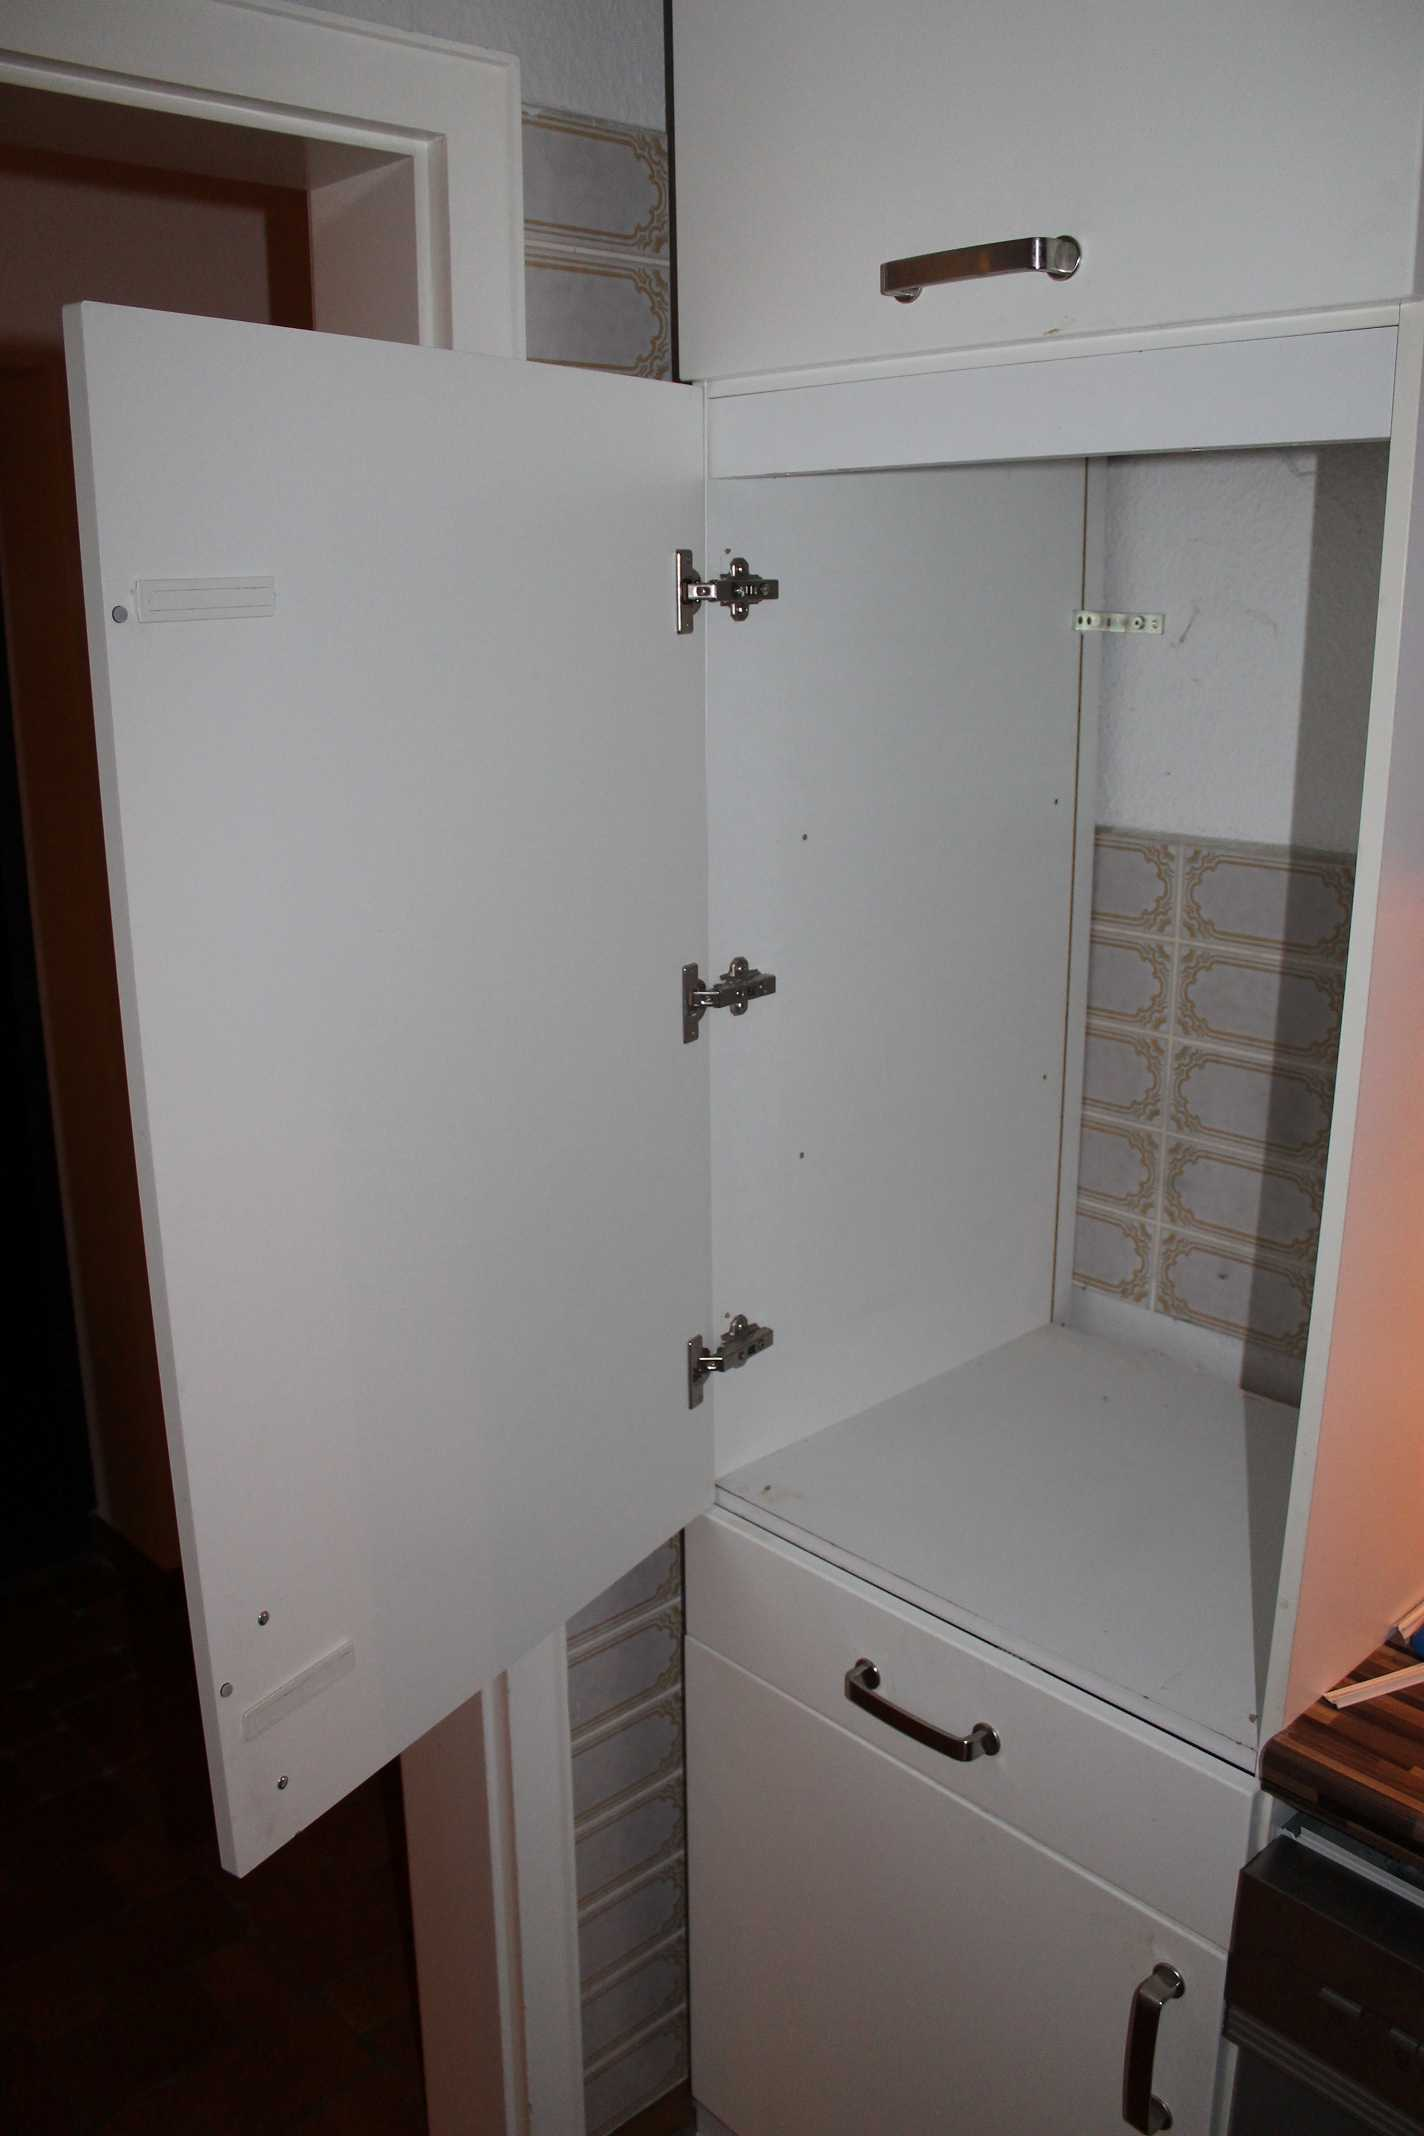 einbauk hlschrank mit t rscharnier links gibt es sowas noch kaufen linke seite t r ffnen. Black Bedroom Furniture Sets. Home Design Ideas